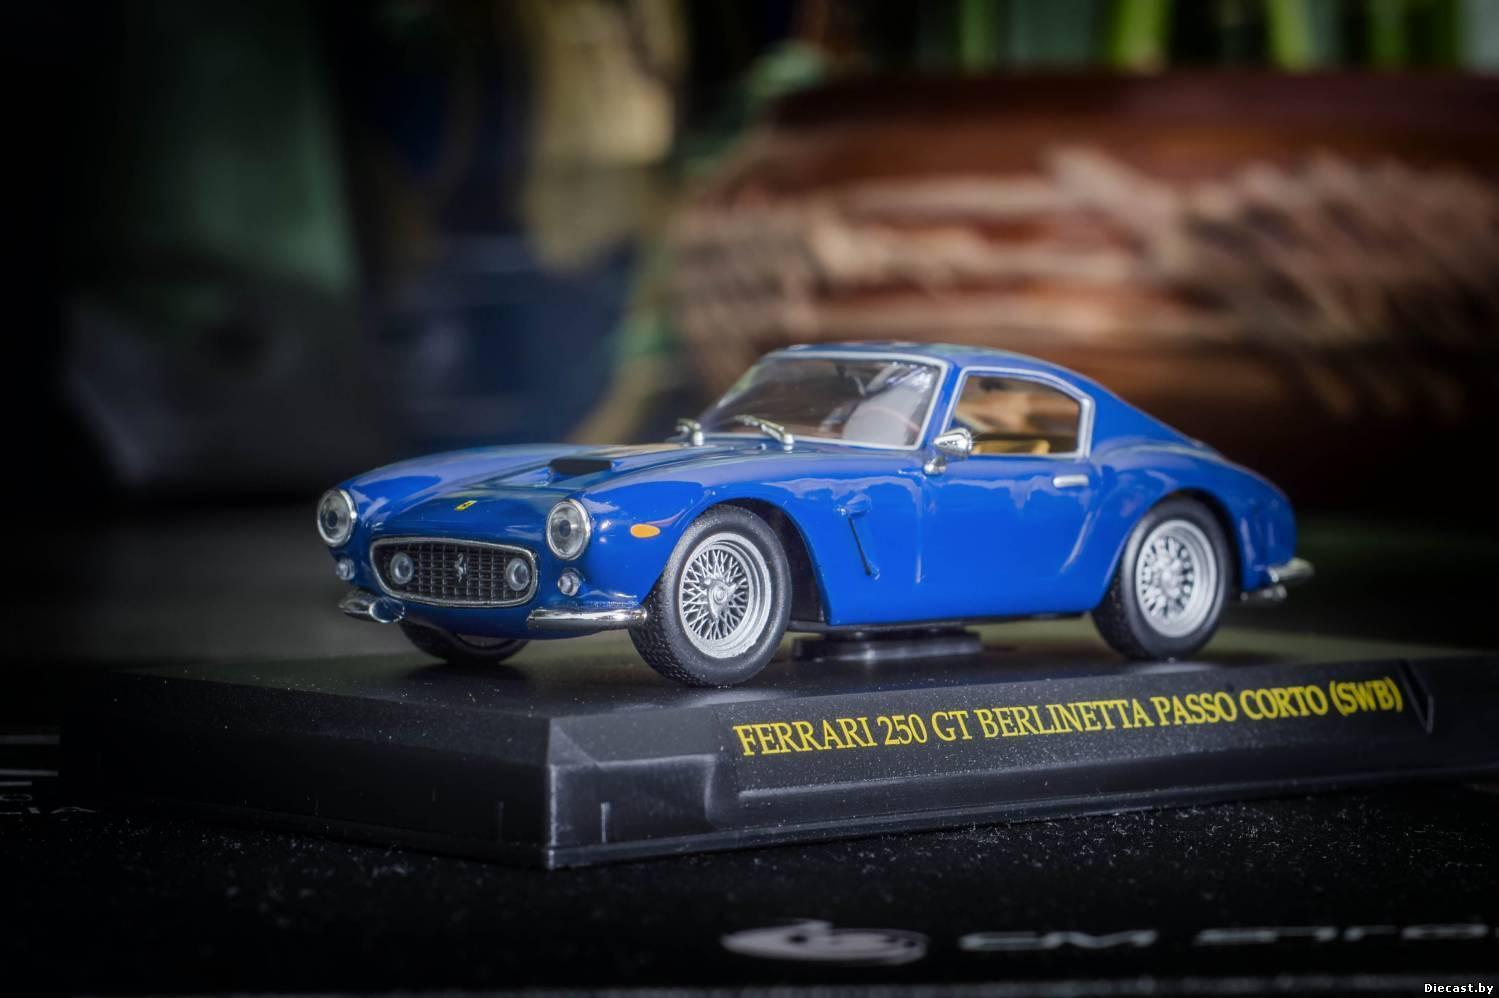 Ferrari 250 gt berlinetta mit stoßstangen ferrari - sammlung ein diecast modell 1 43   17.